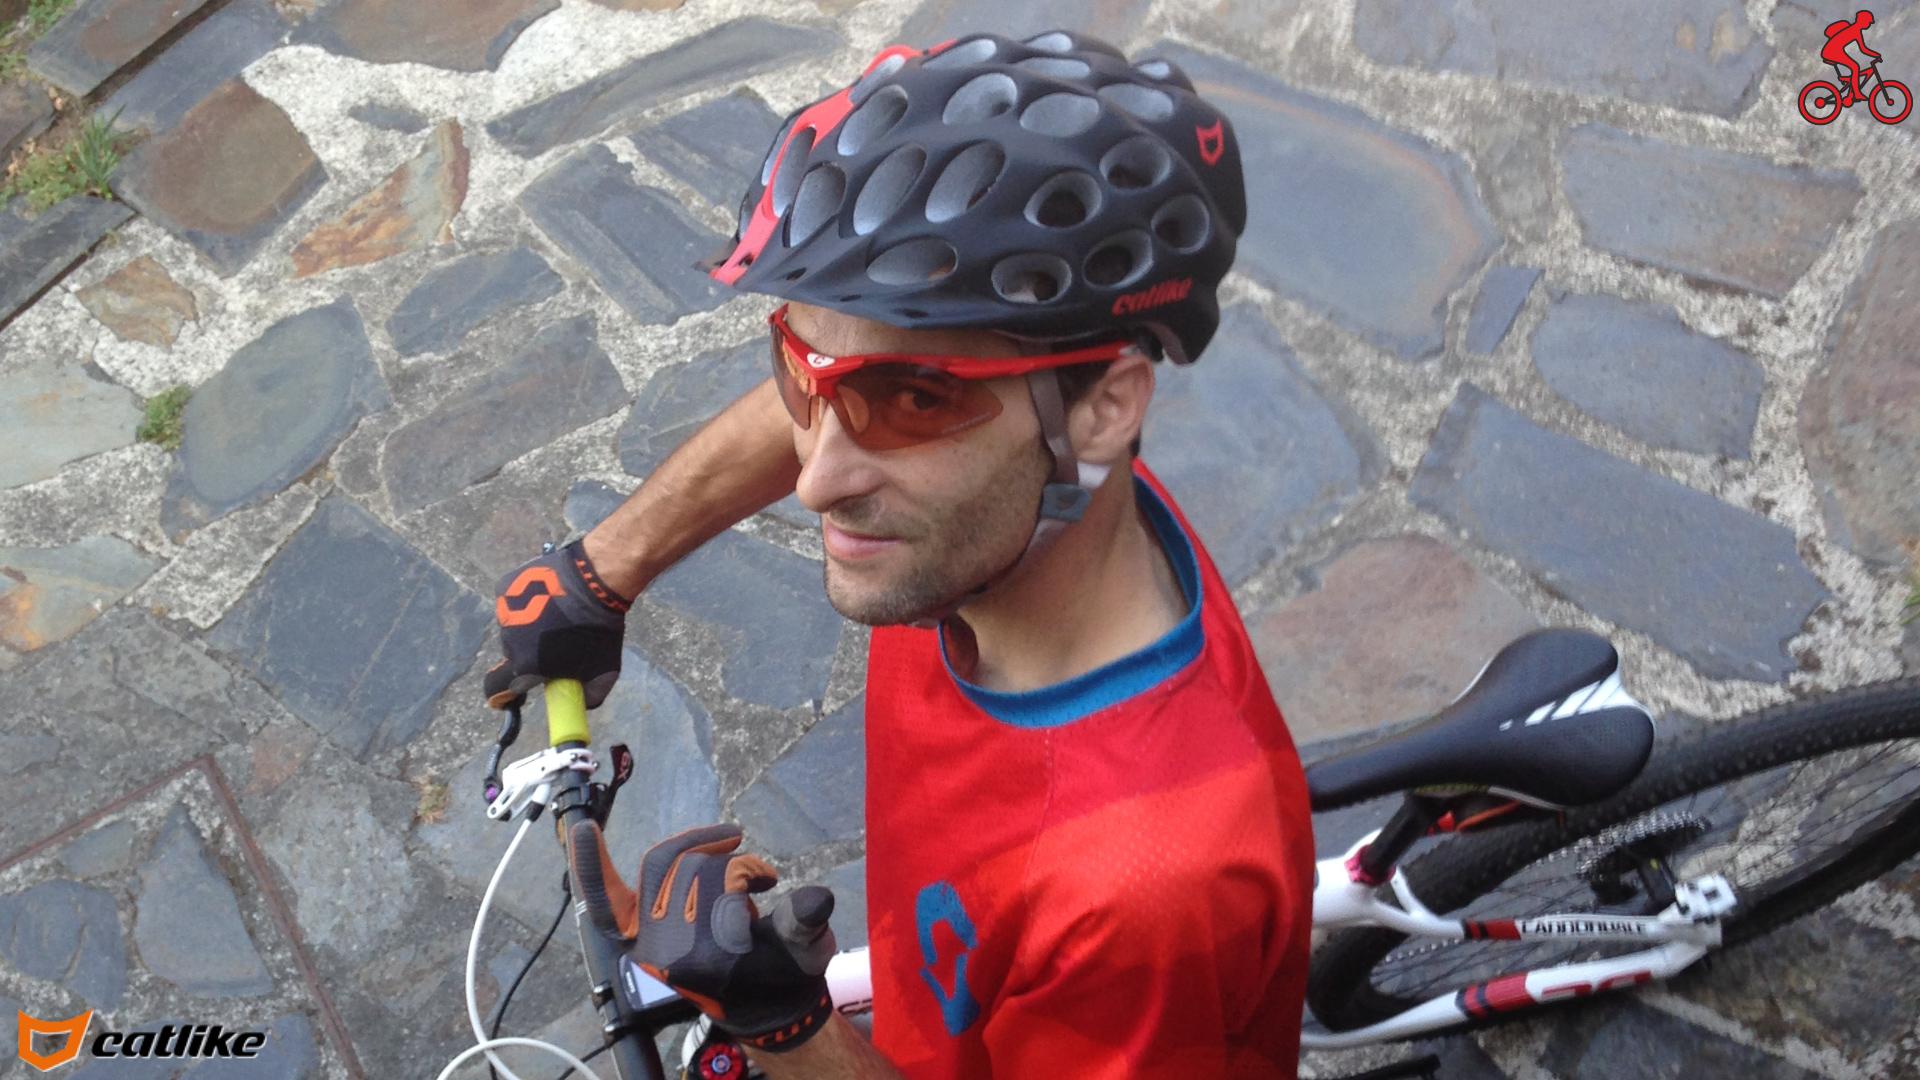 Helmet Catlike Whisper MTB (9)